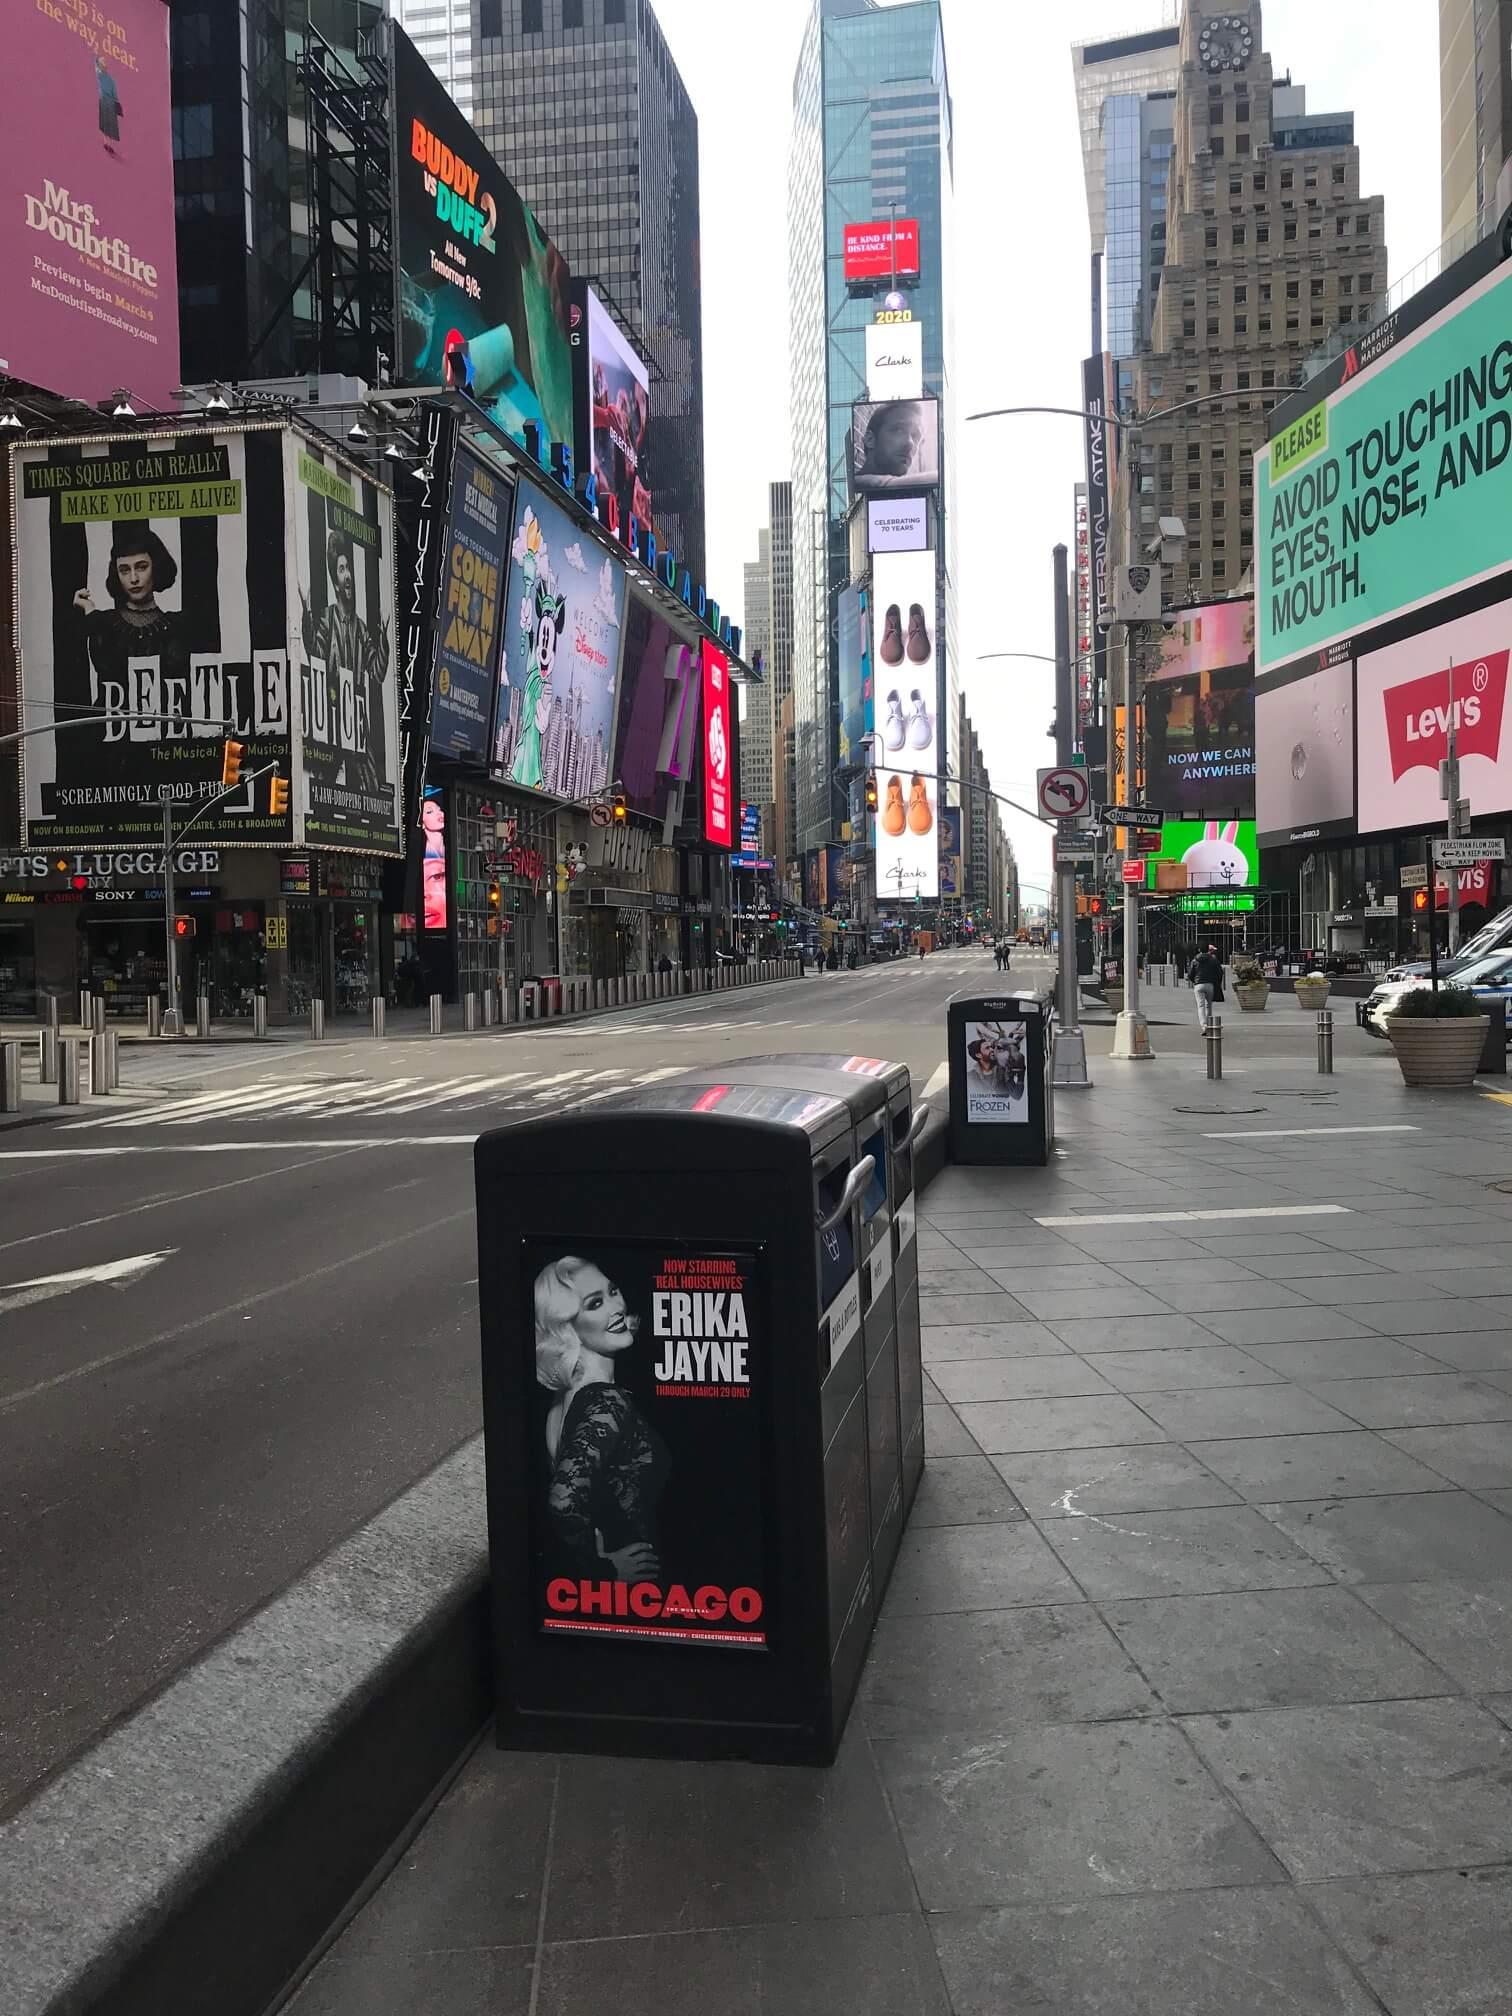 コロナ禍、ニューヨークで思うこと